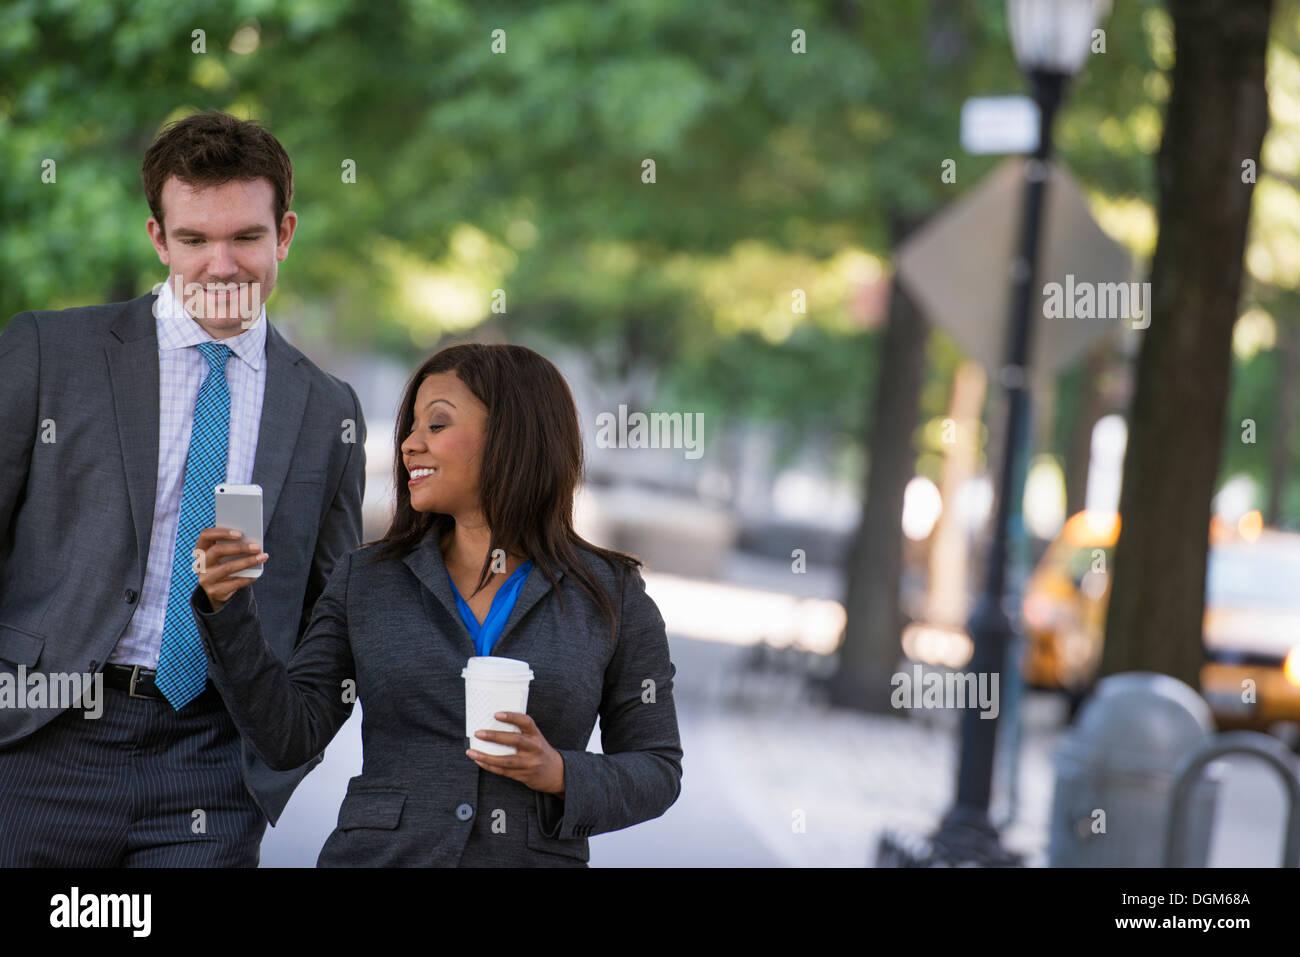 En el verano. Un hombre joven en un traje gris y corbata azul caminando con una mujer en un traje. Hombre blanco, Foto de stock